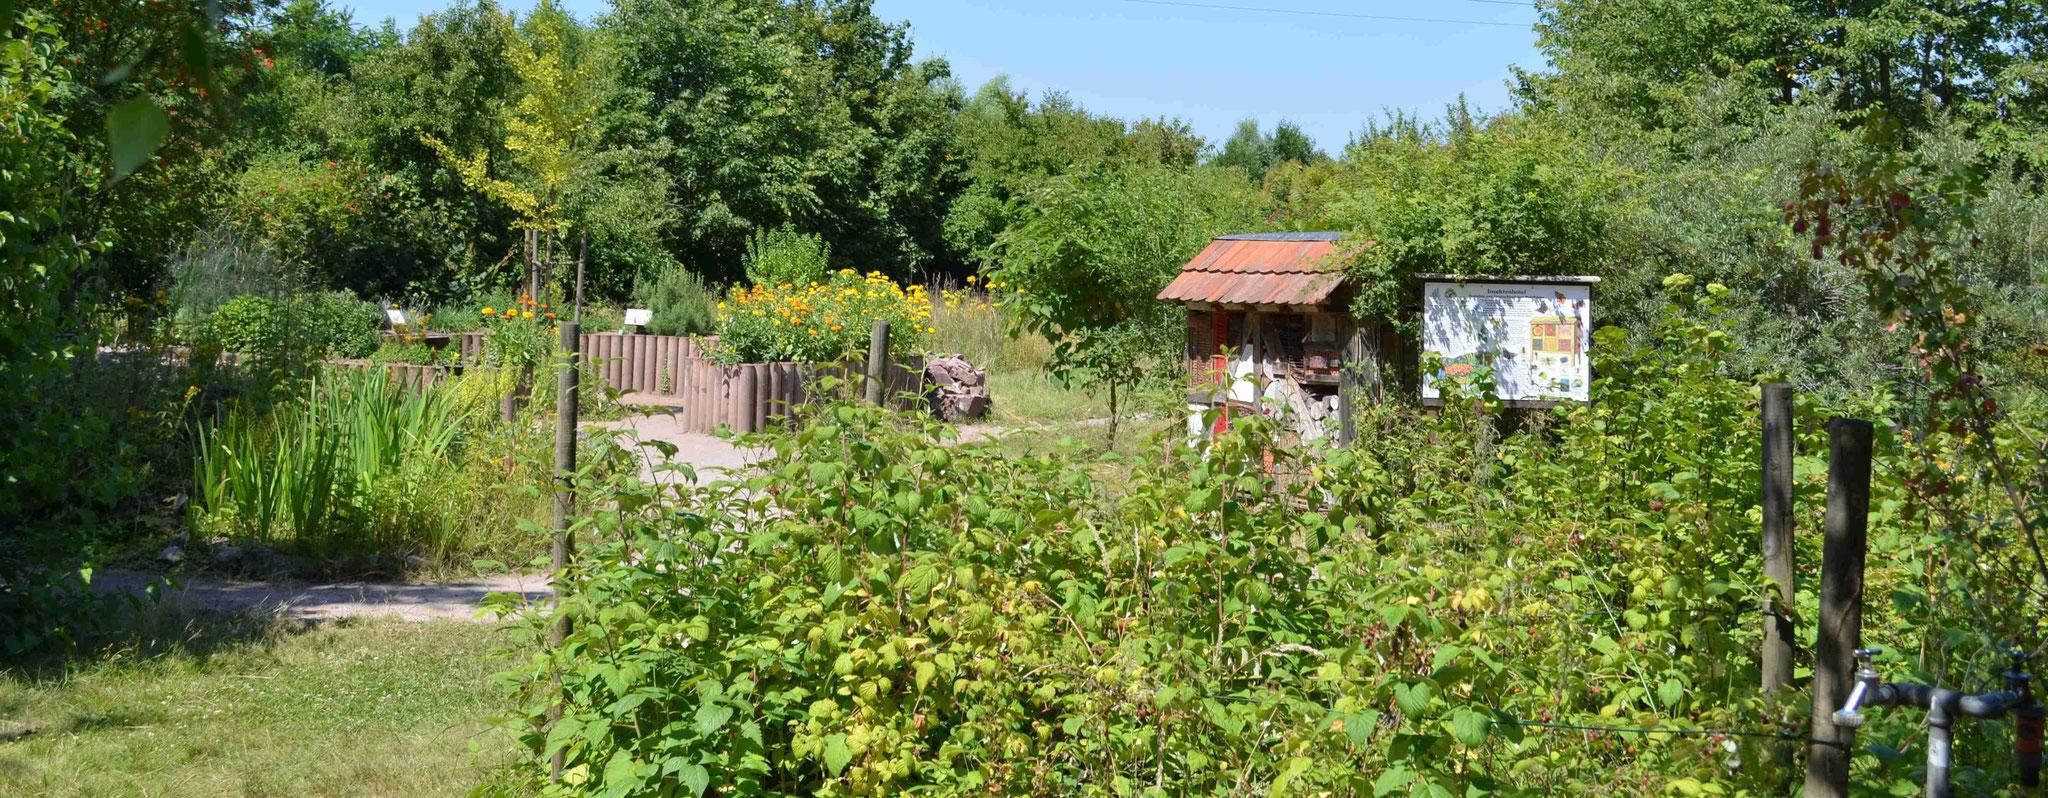 Der Kräutergarten mit Insektenhotel